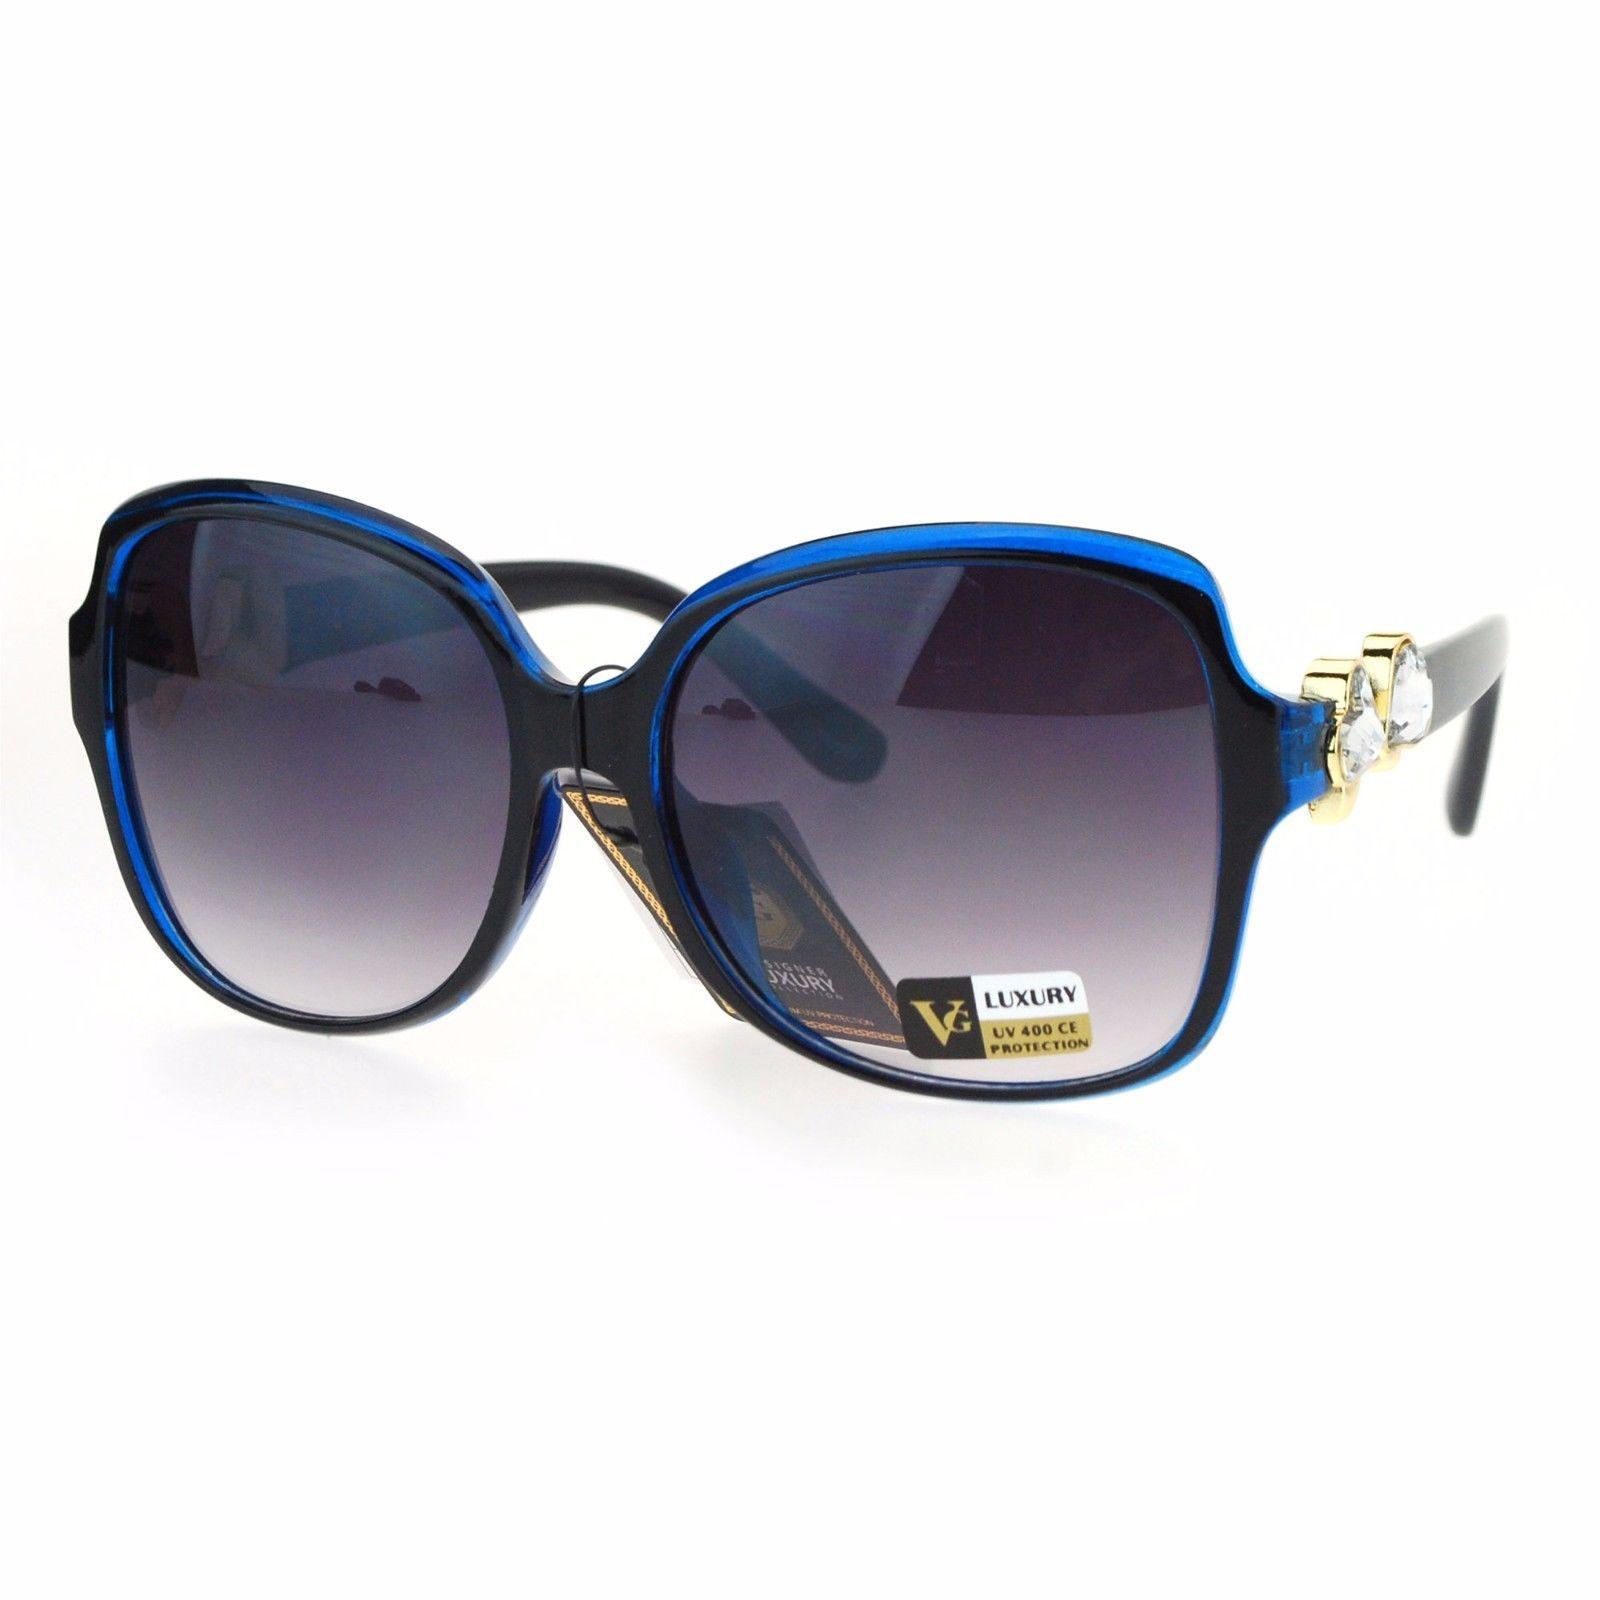 Two Hearts Rhinestones Womens Fashion Sunglasses Square Frame UV 400